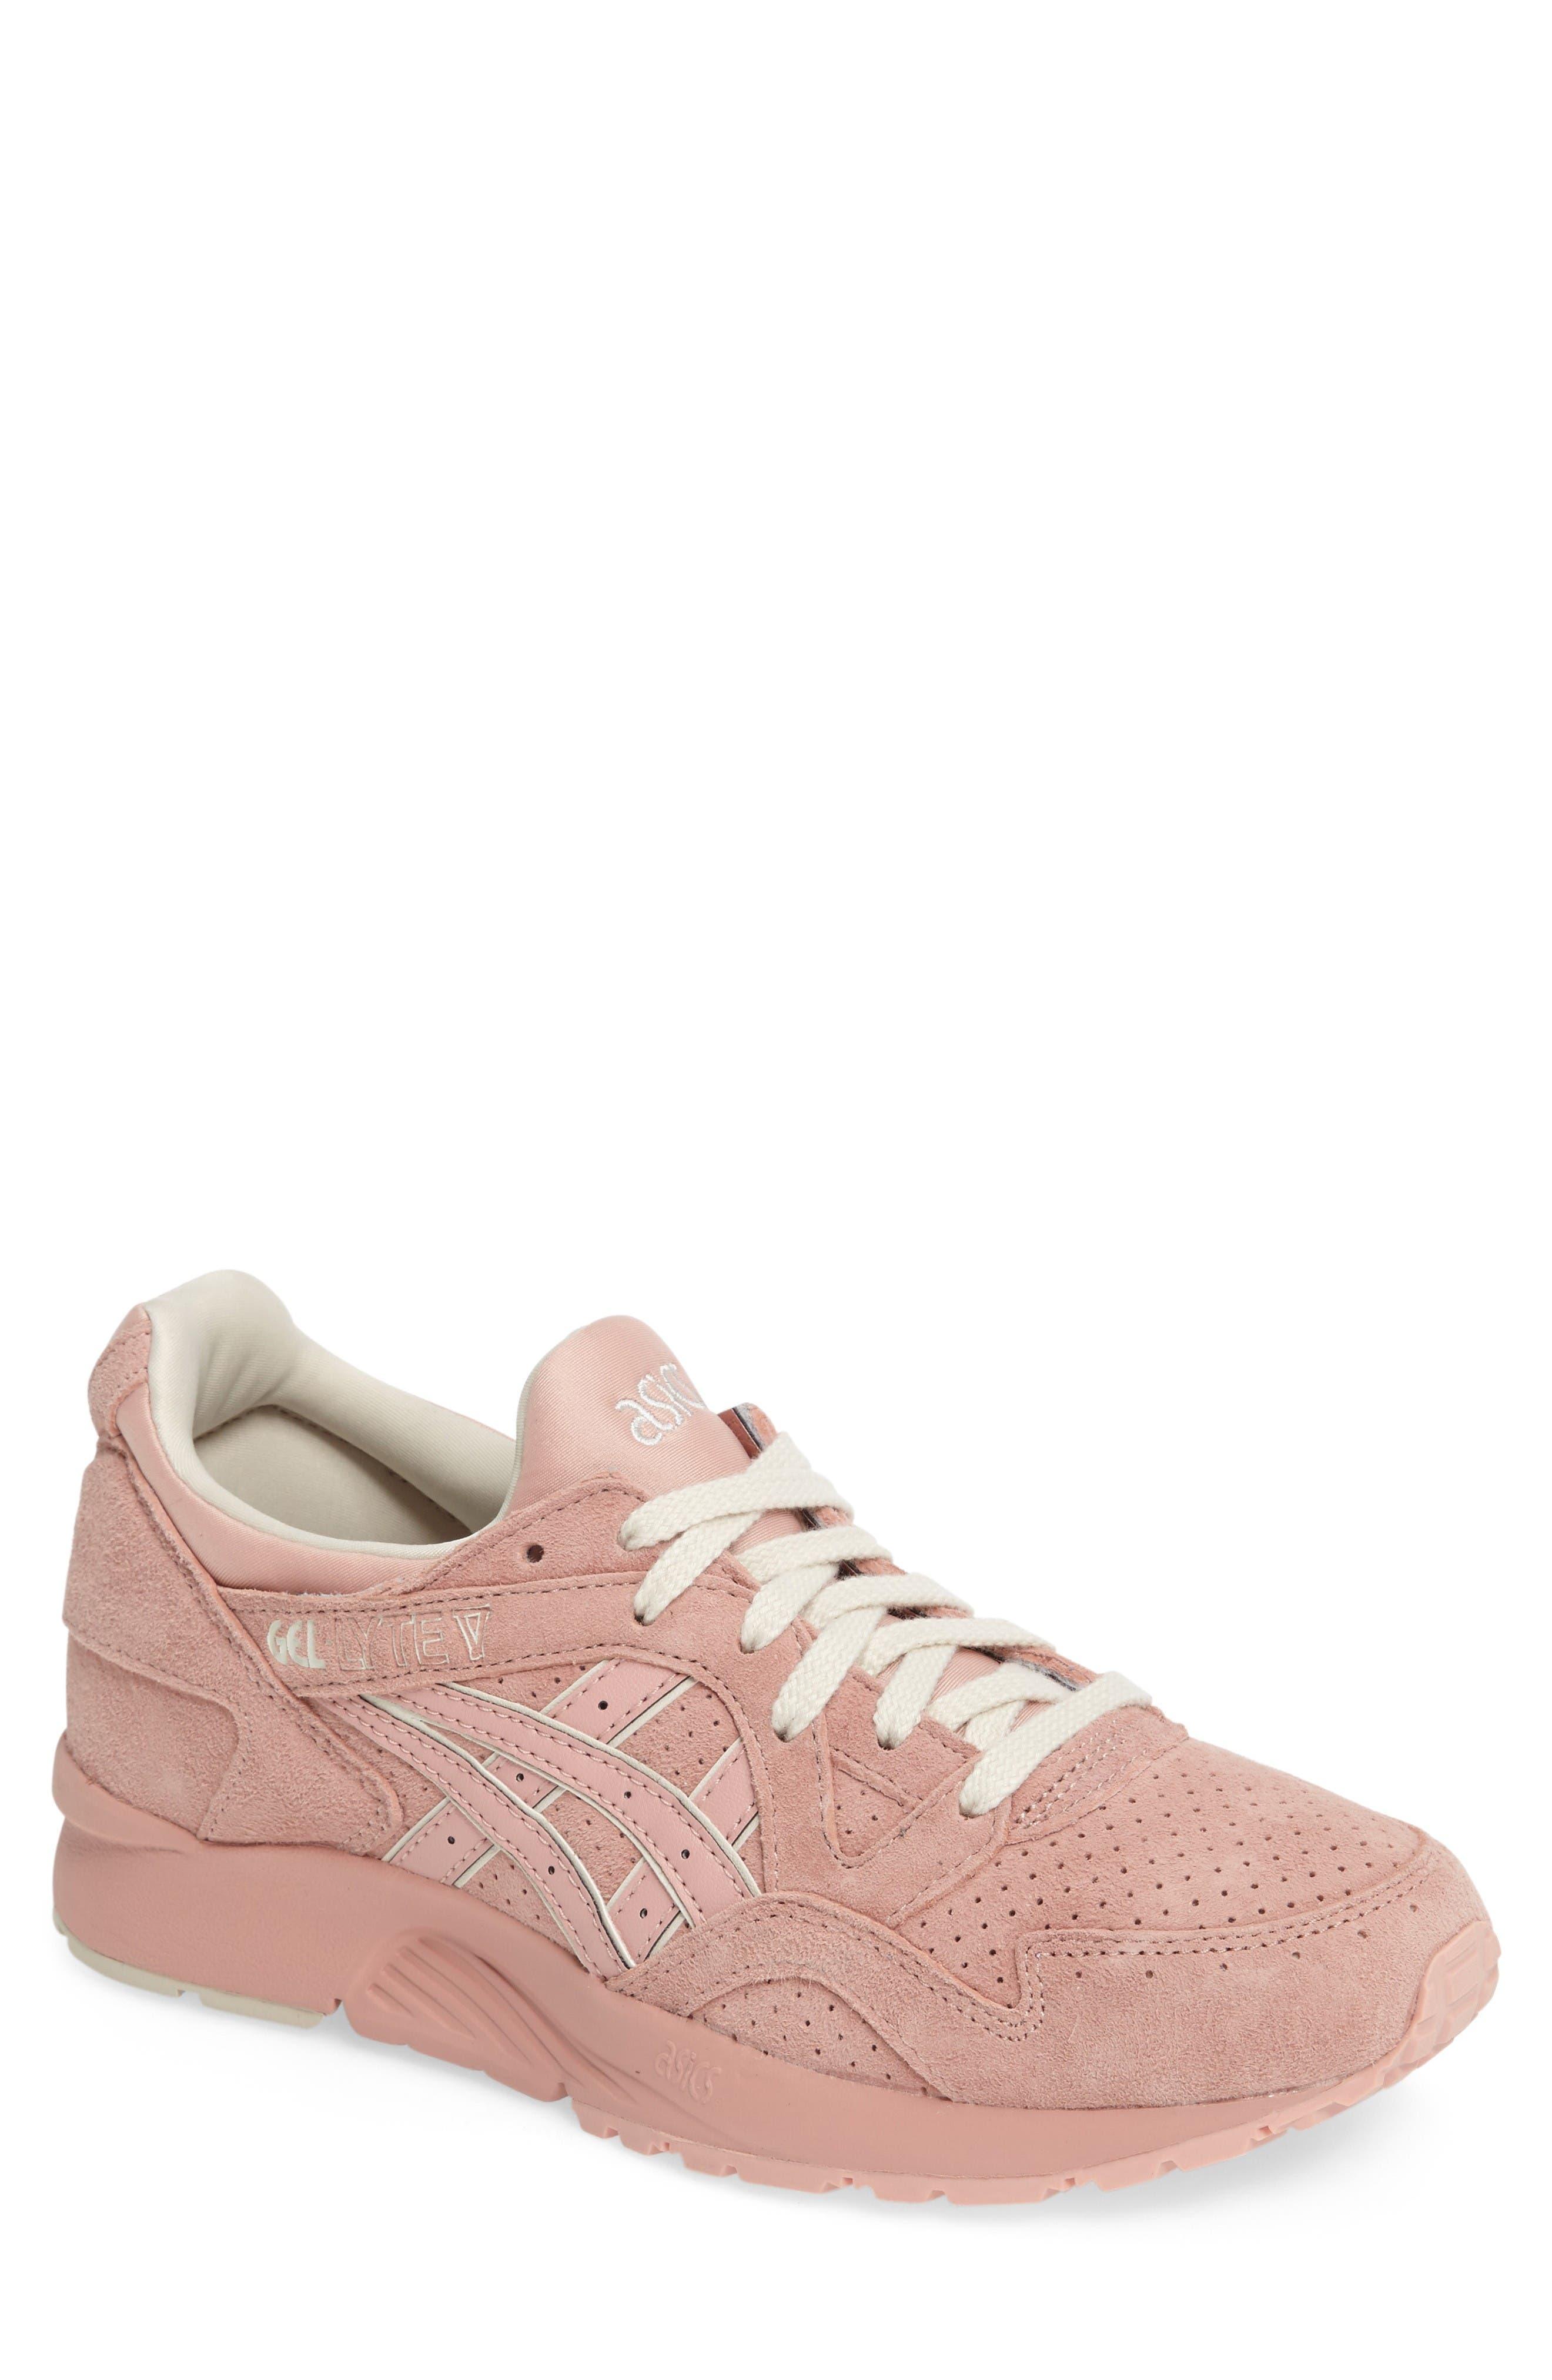 Main Image - ASICS® GEL-Lyte V Sneaker (Women)